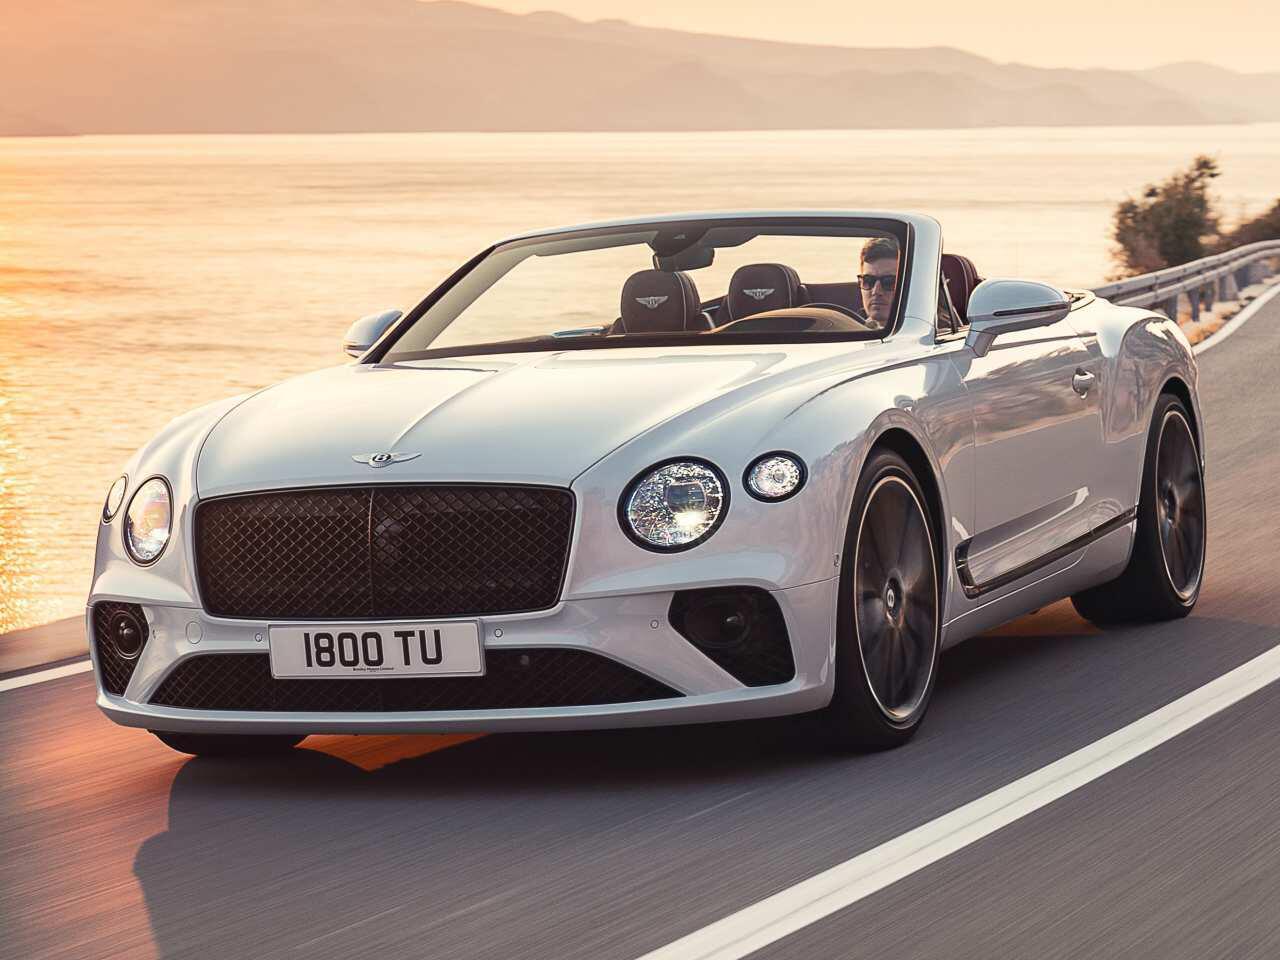 Bild zu Bentley Continental GT Cabrio: So edel wird die Neuauflage des Luxus-Cabrios